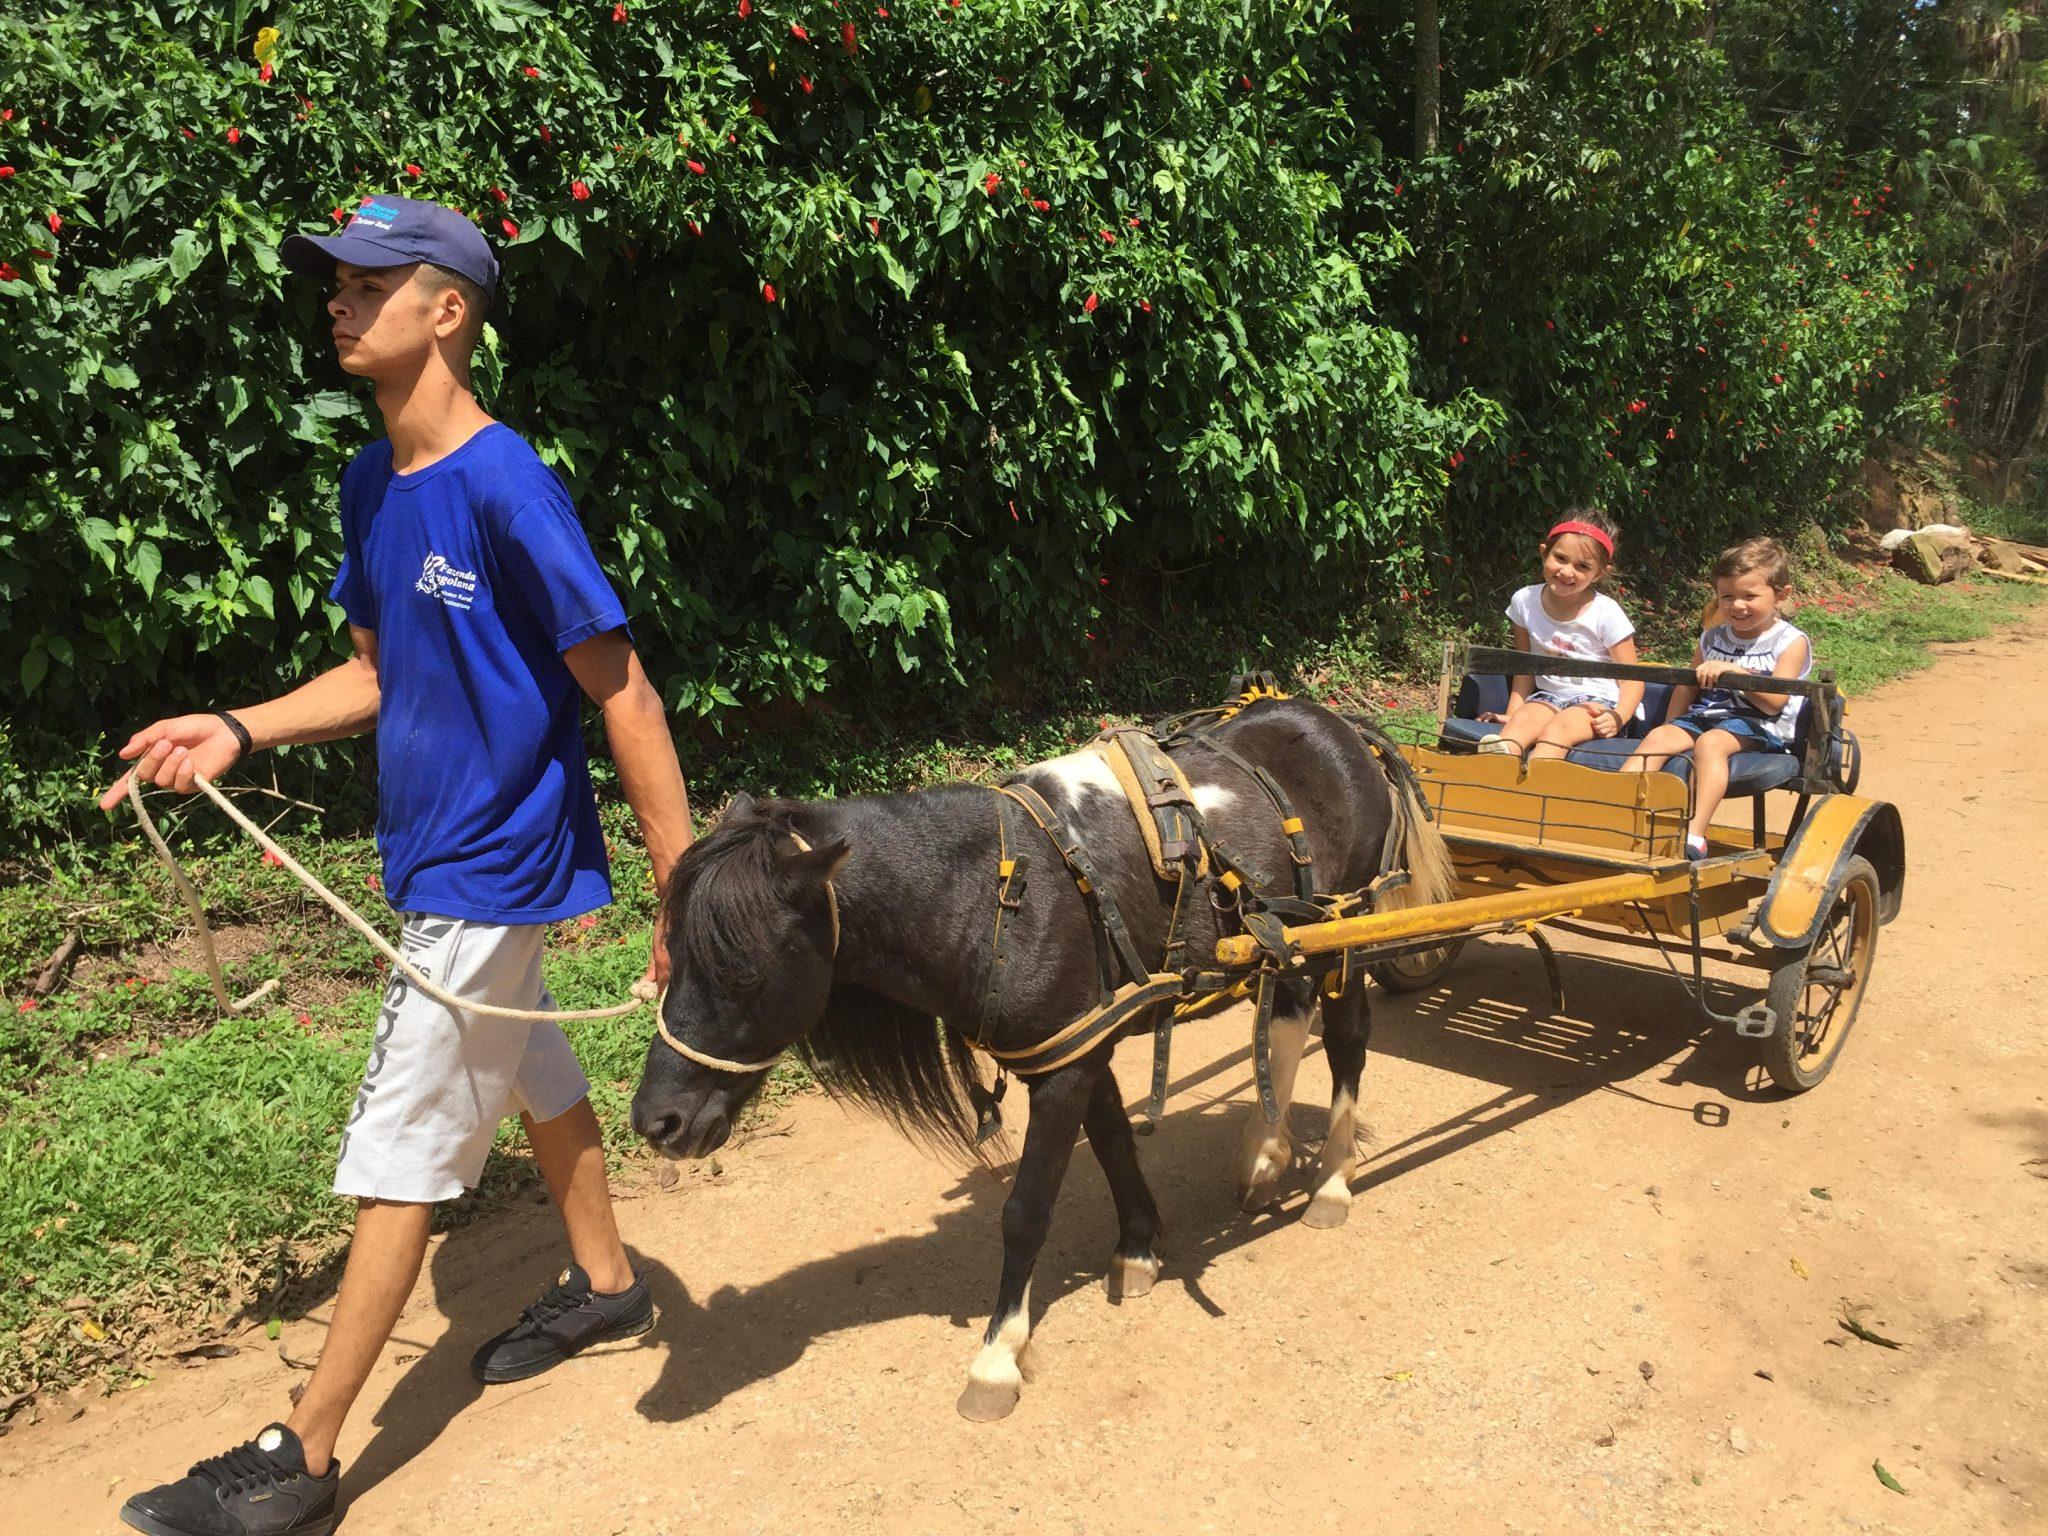 Fazenda Angolana em São Roque: natureza, coelhos e pôneis